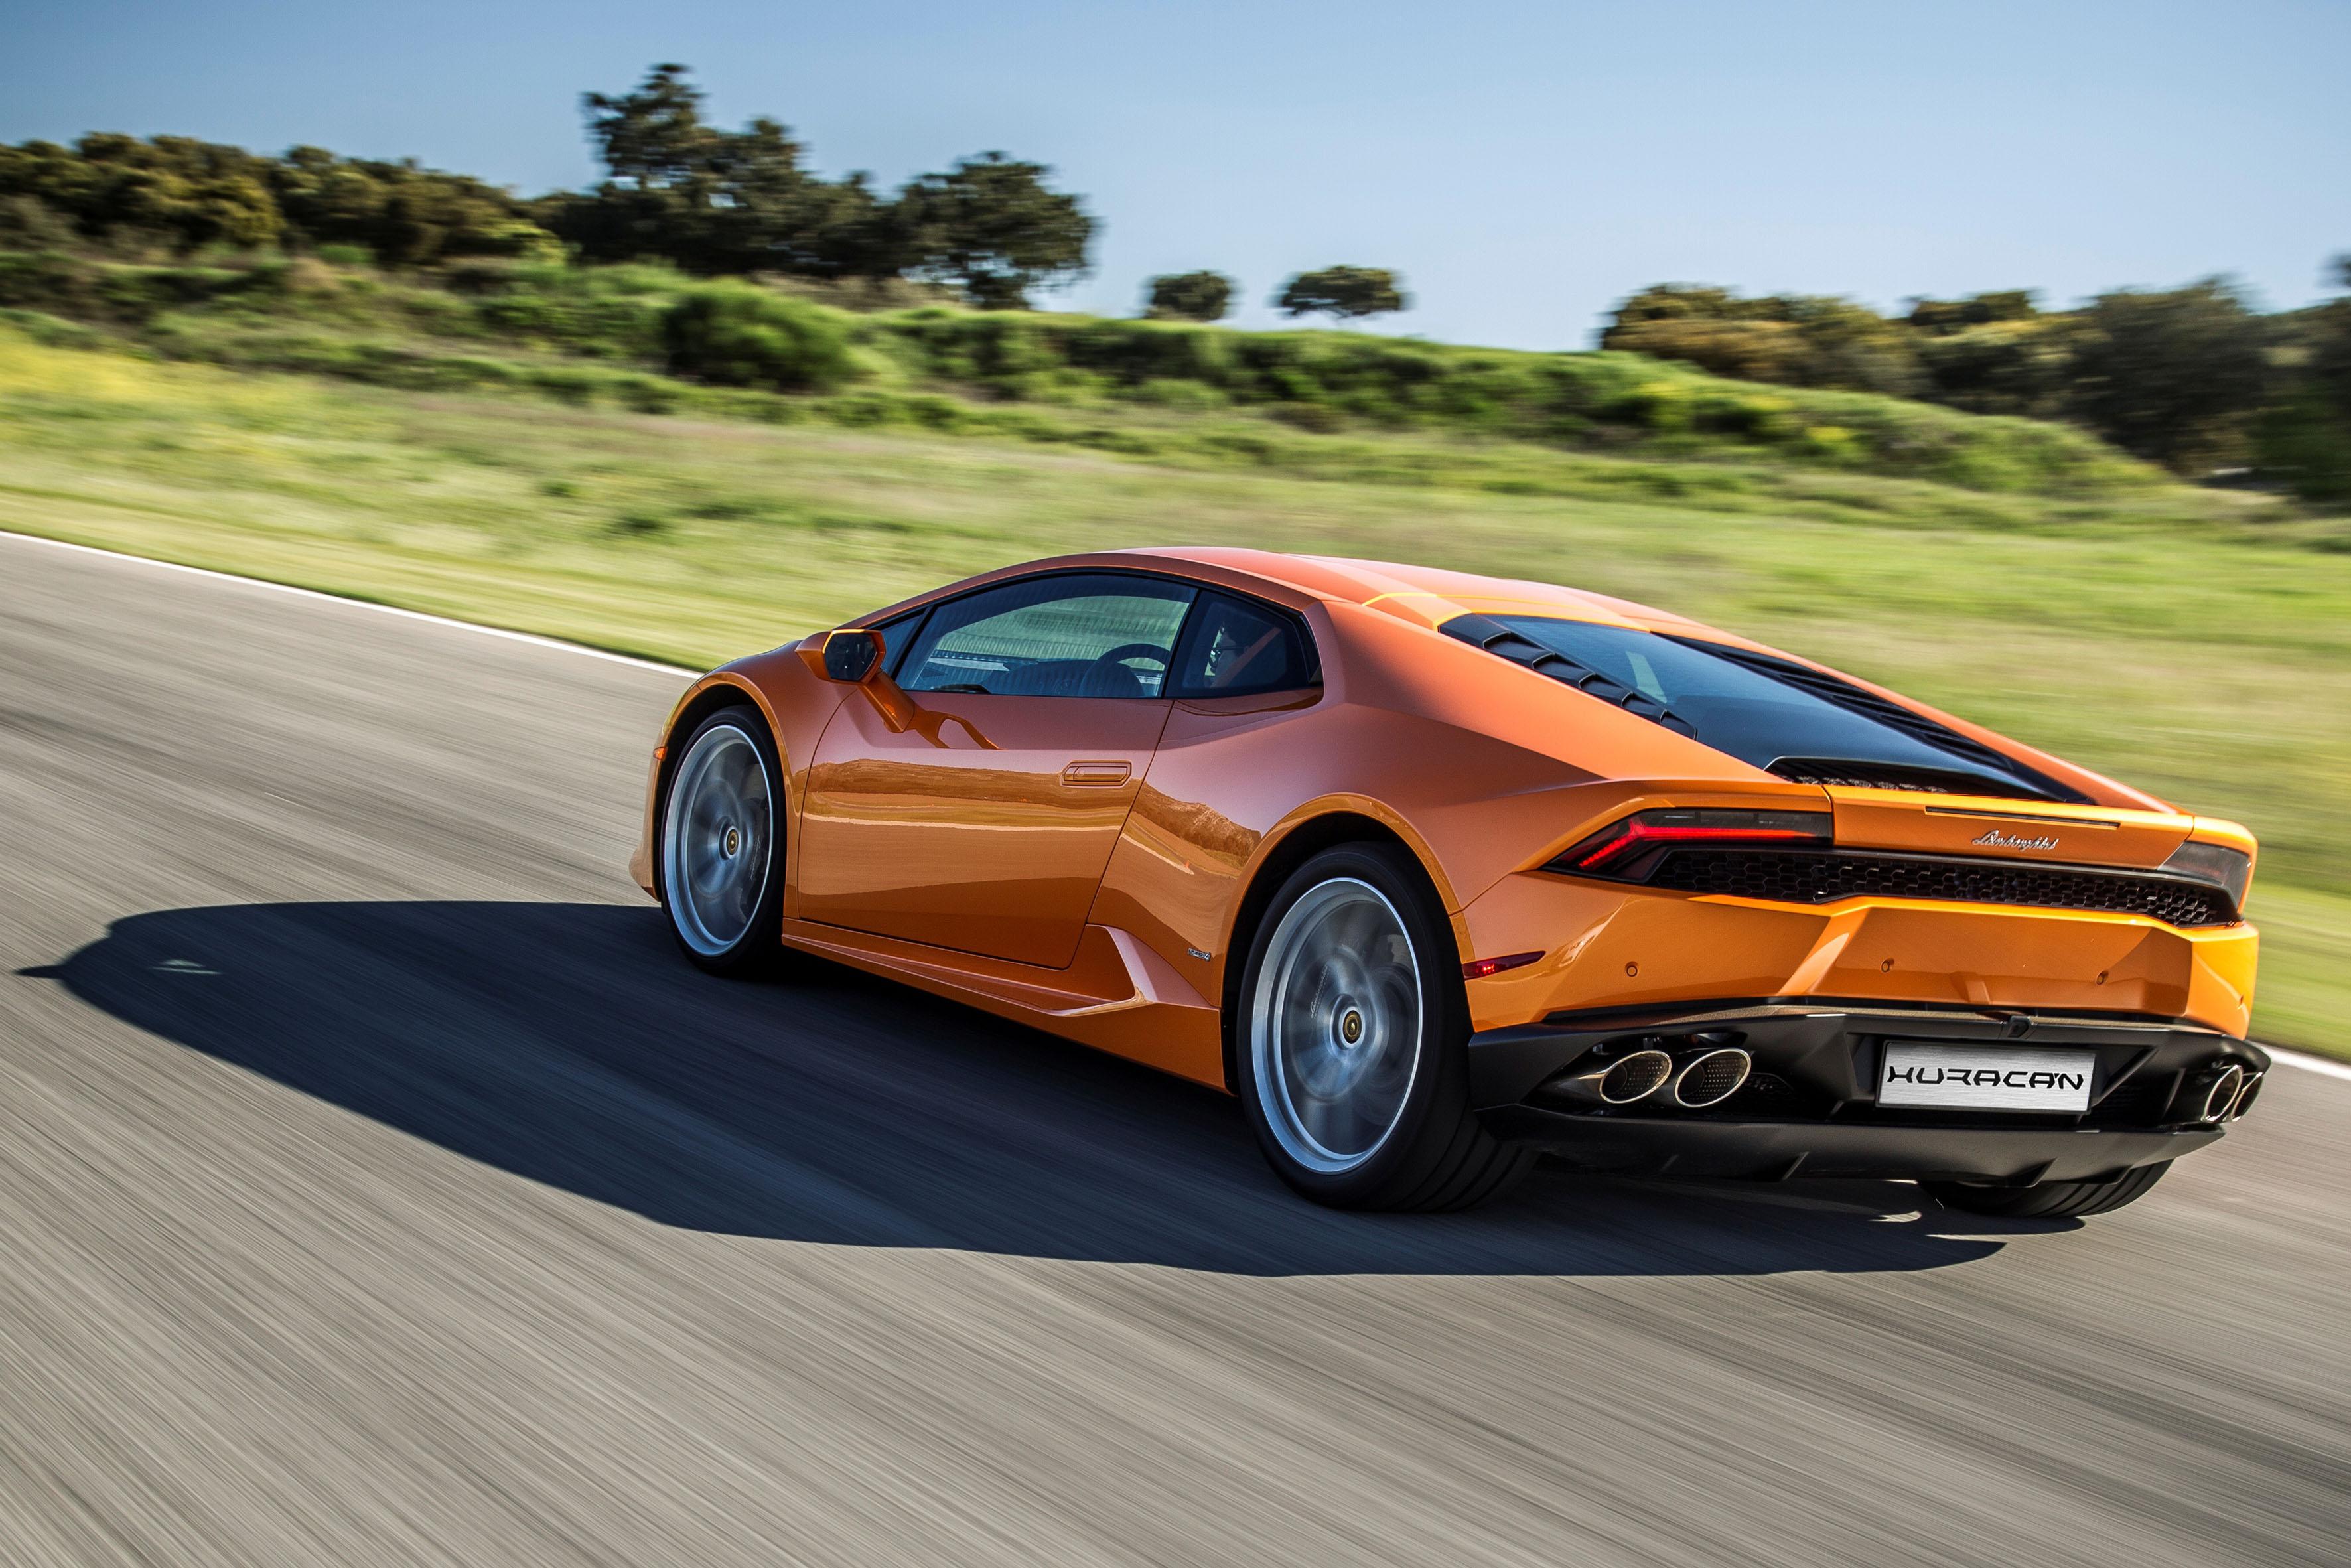 Lamborghini Huracán LP 610-4 MY 2016